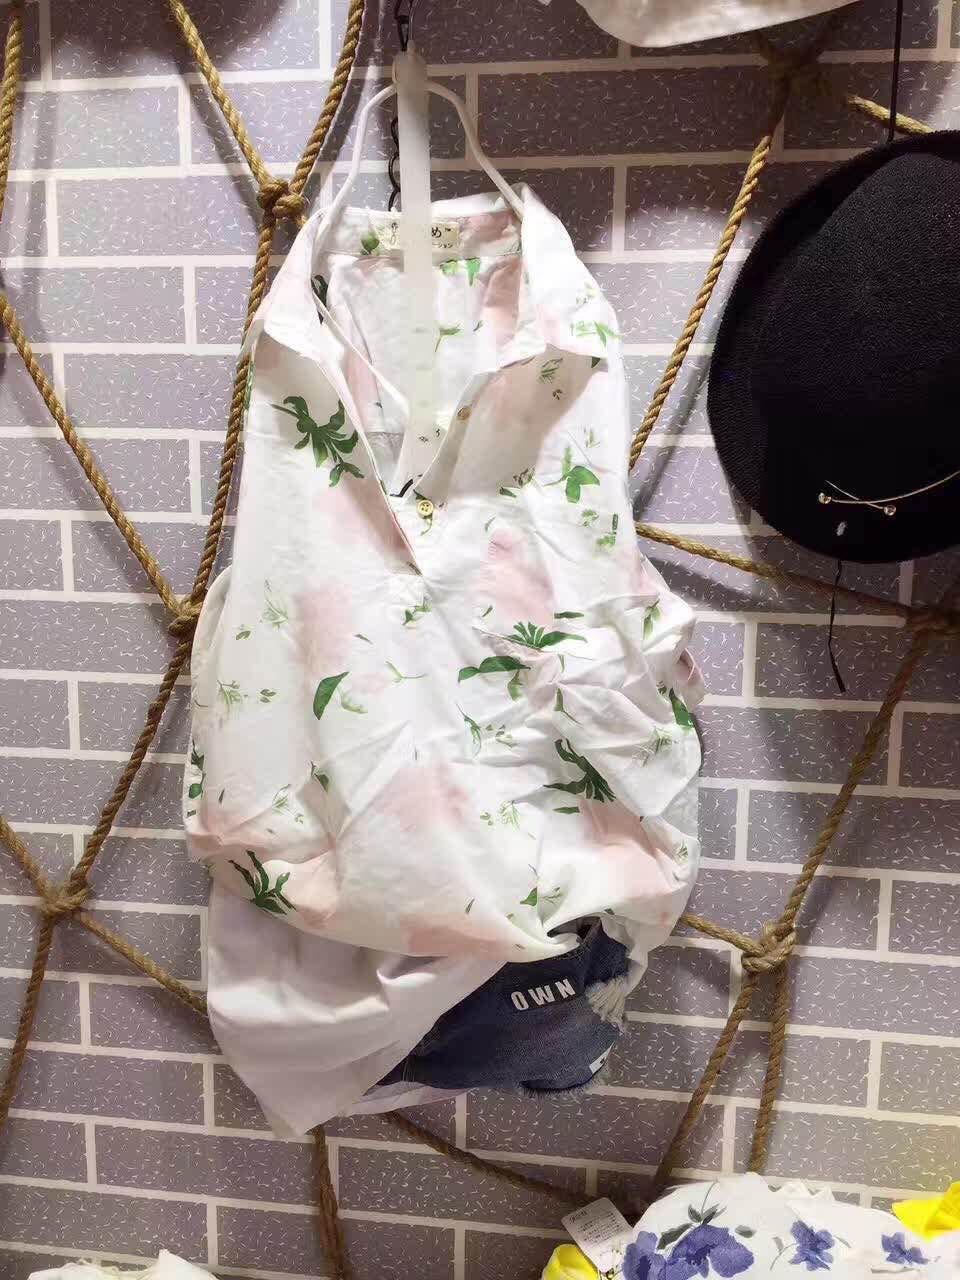 夏装新款 棉布衬衣韩版衬衫 花上衣 休闲宽松 樱姬女装短袖